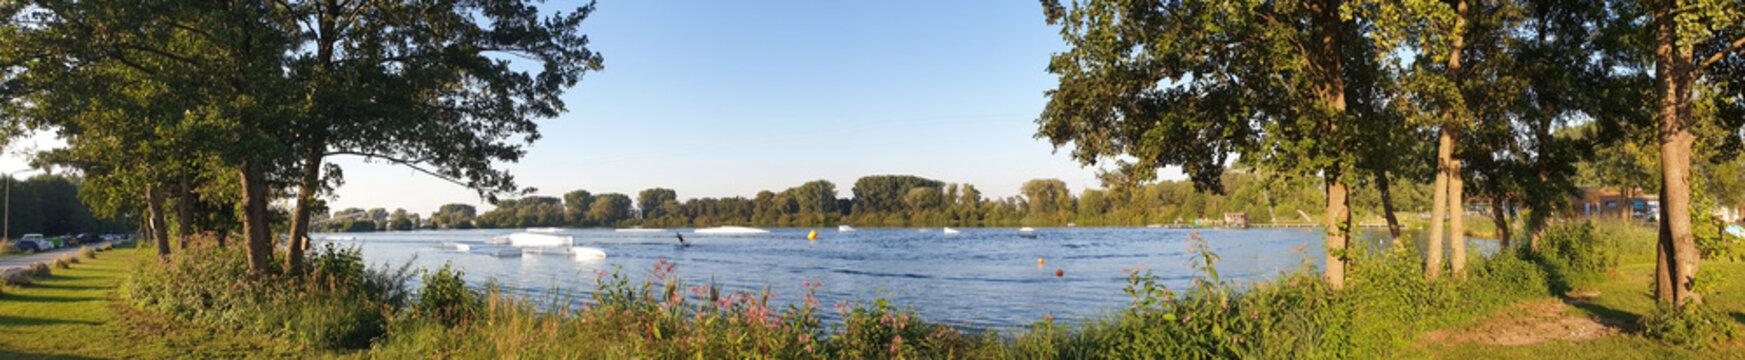 Wasserski im water park Geisenfeld